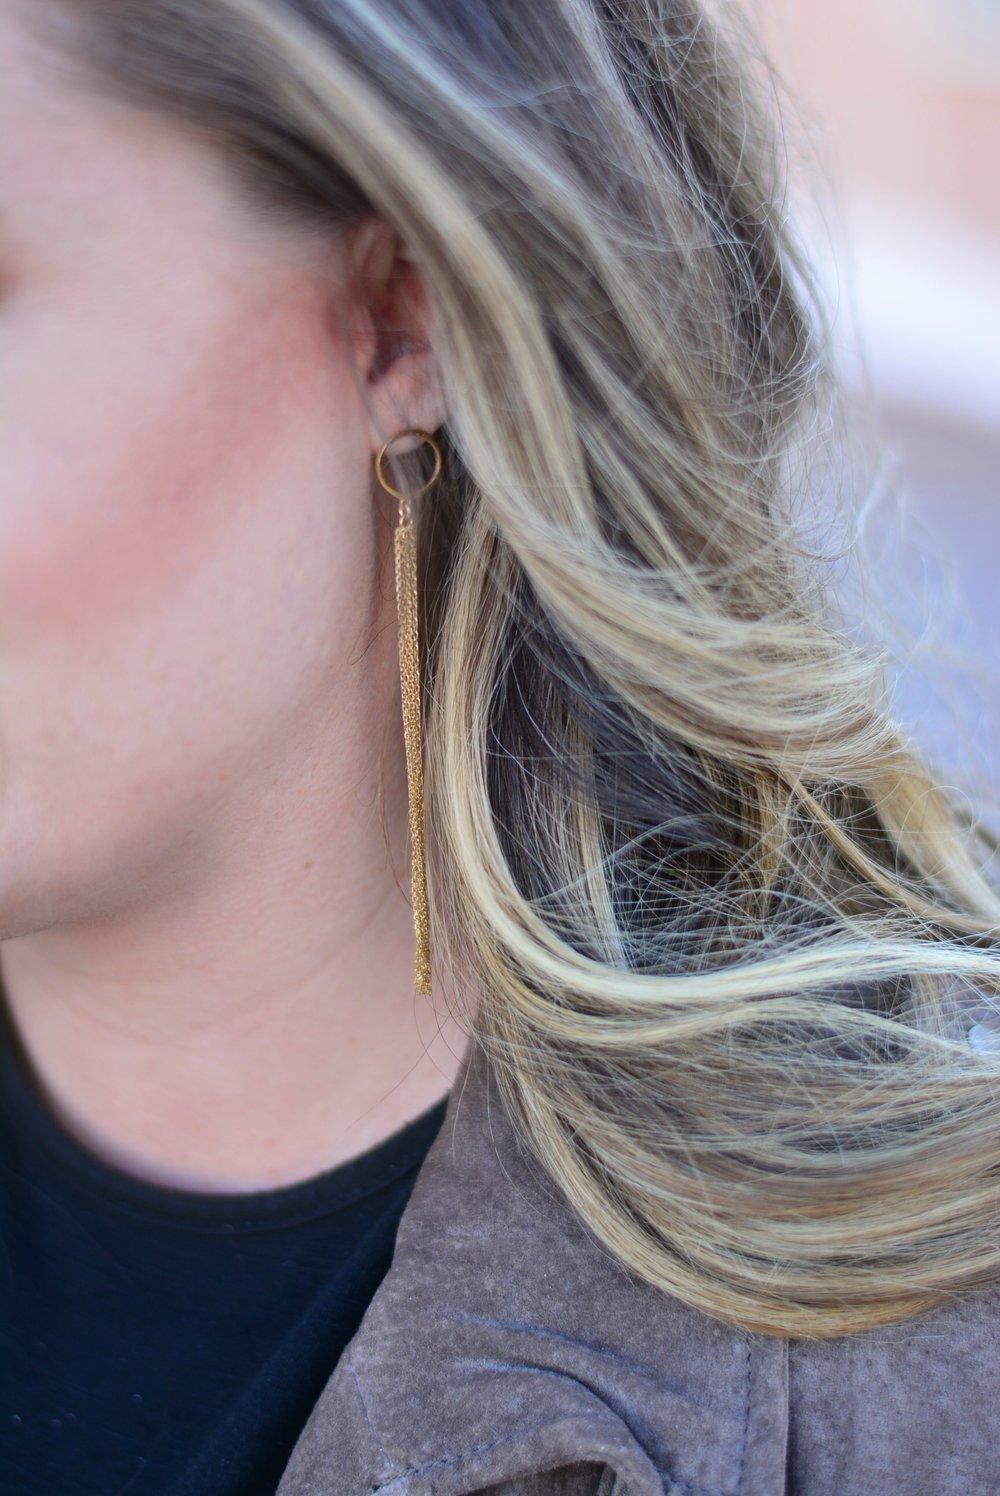 Janesko earrings